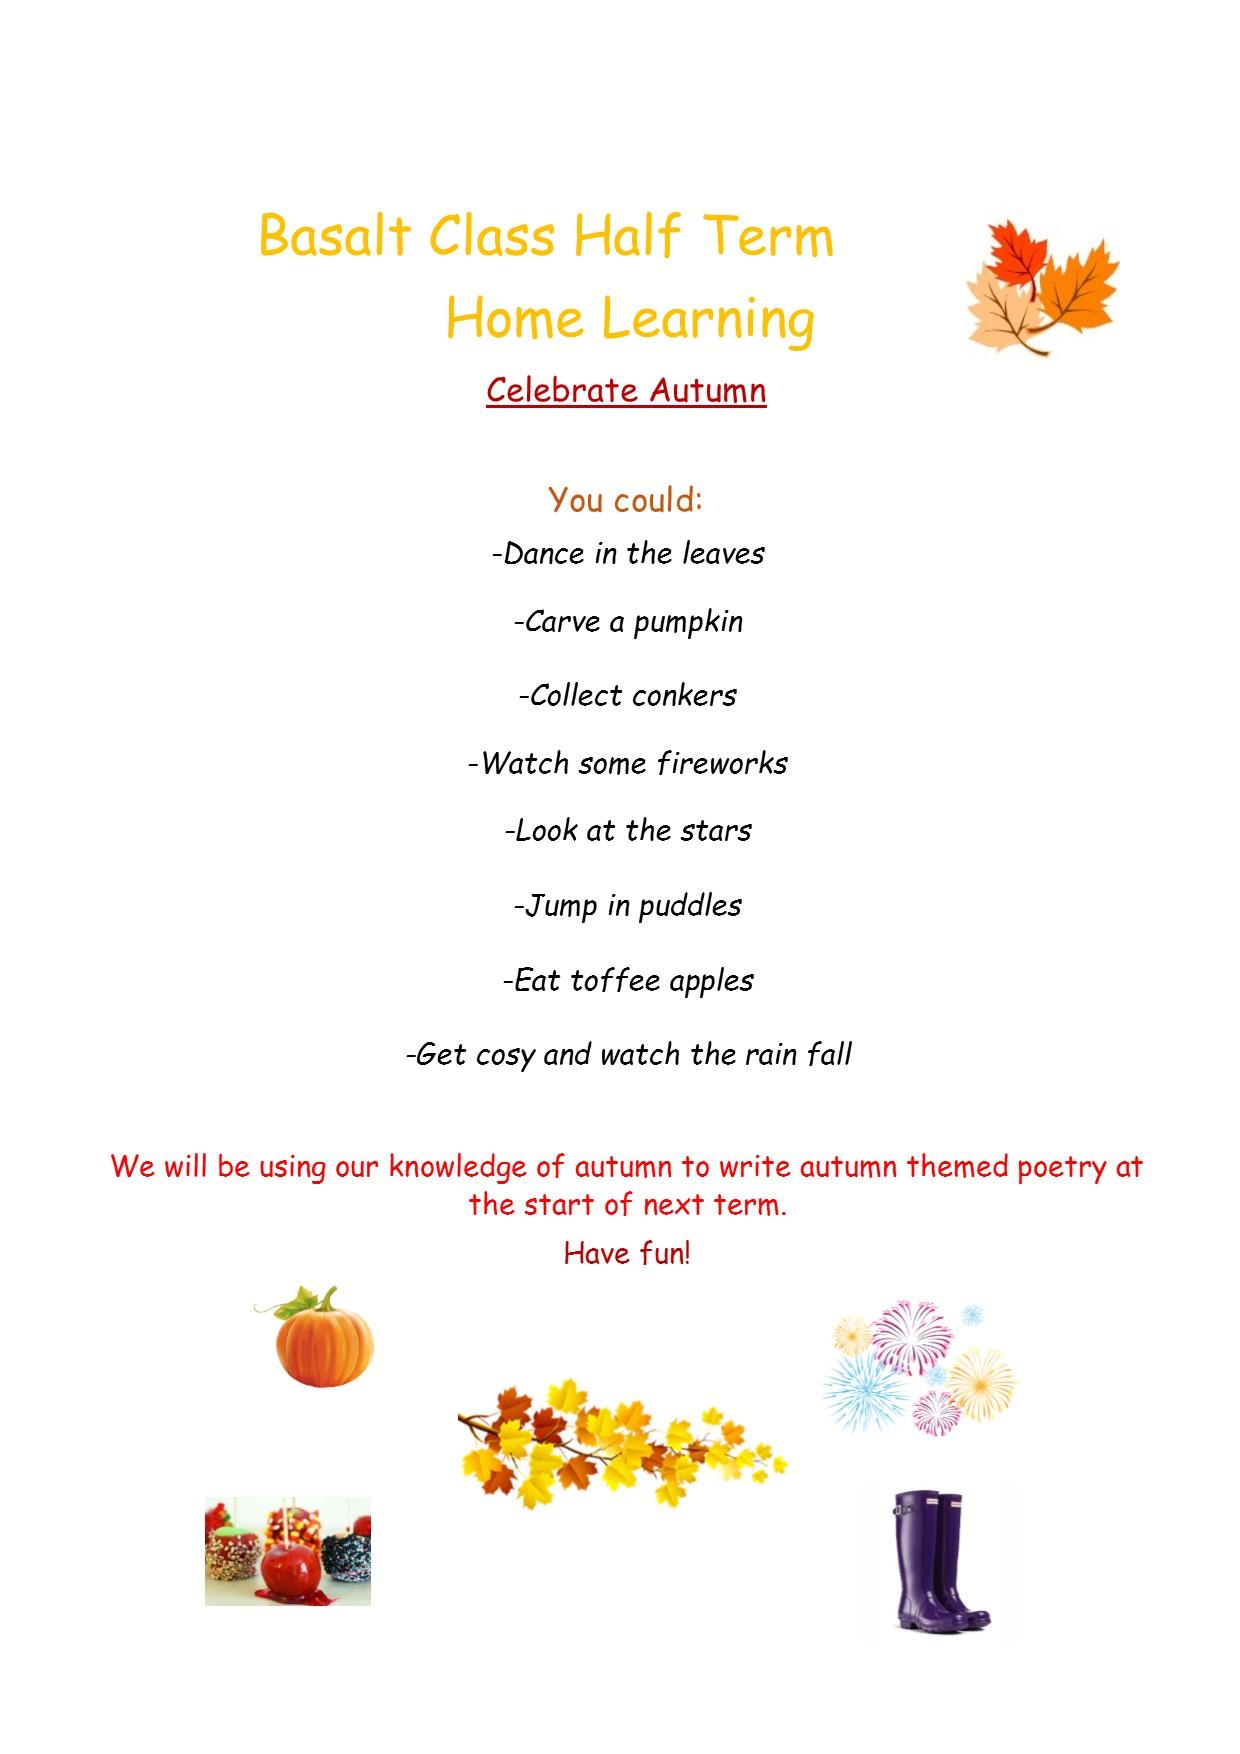 homelearning.jpg